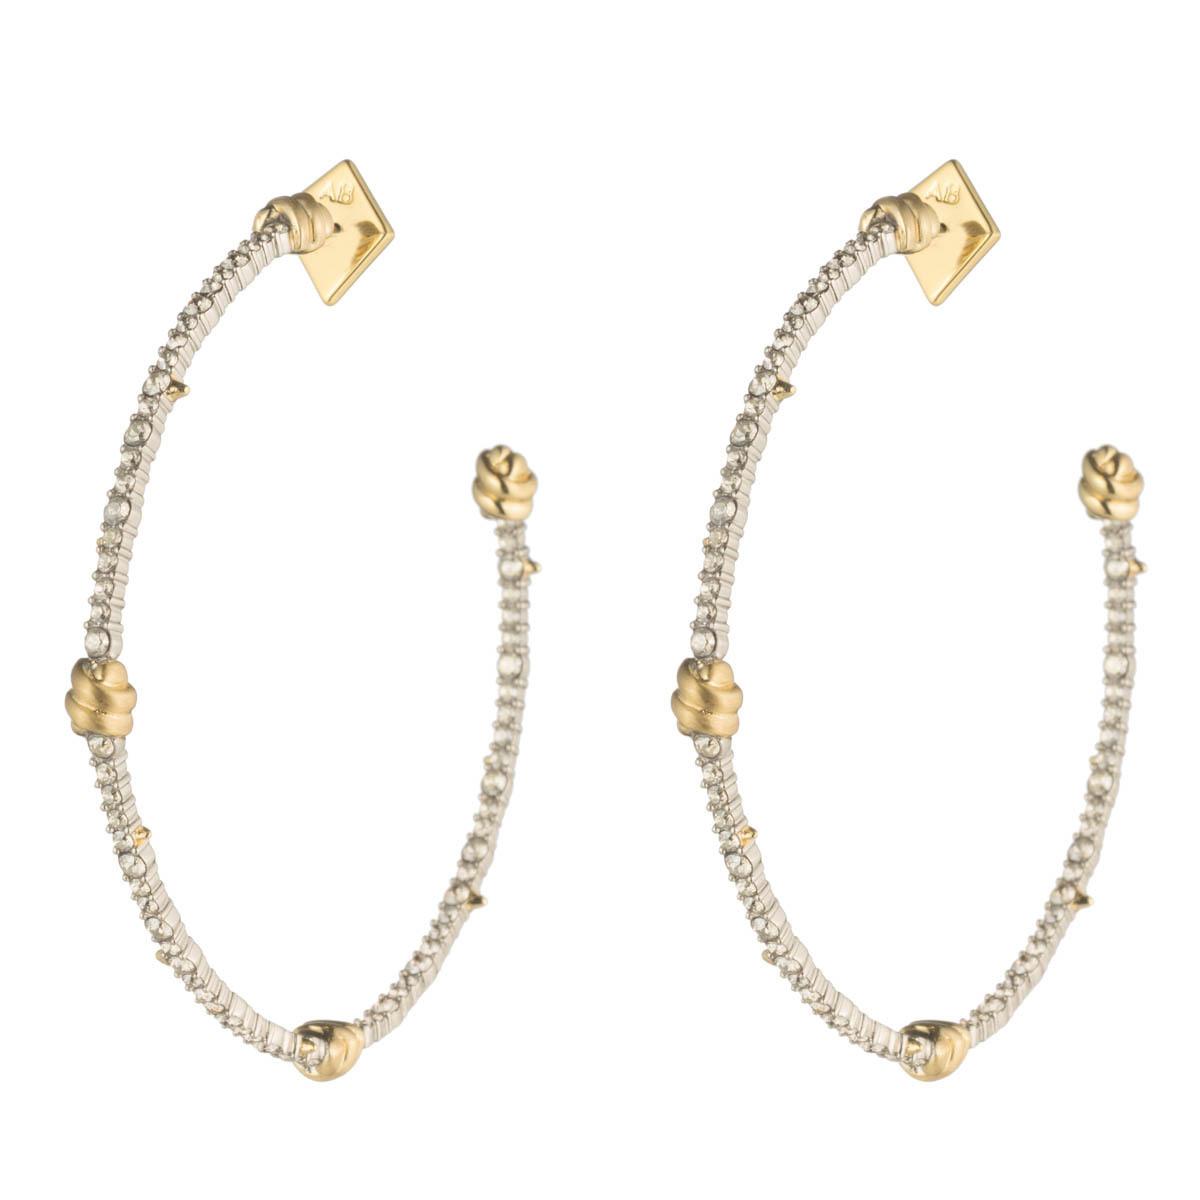 Crystal Knot Hoop Earring